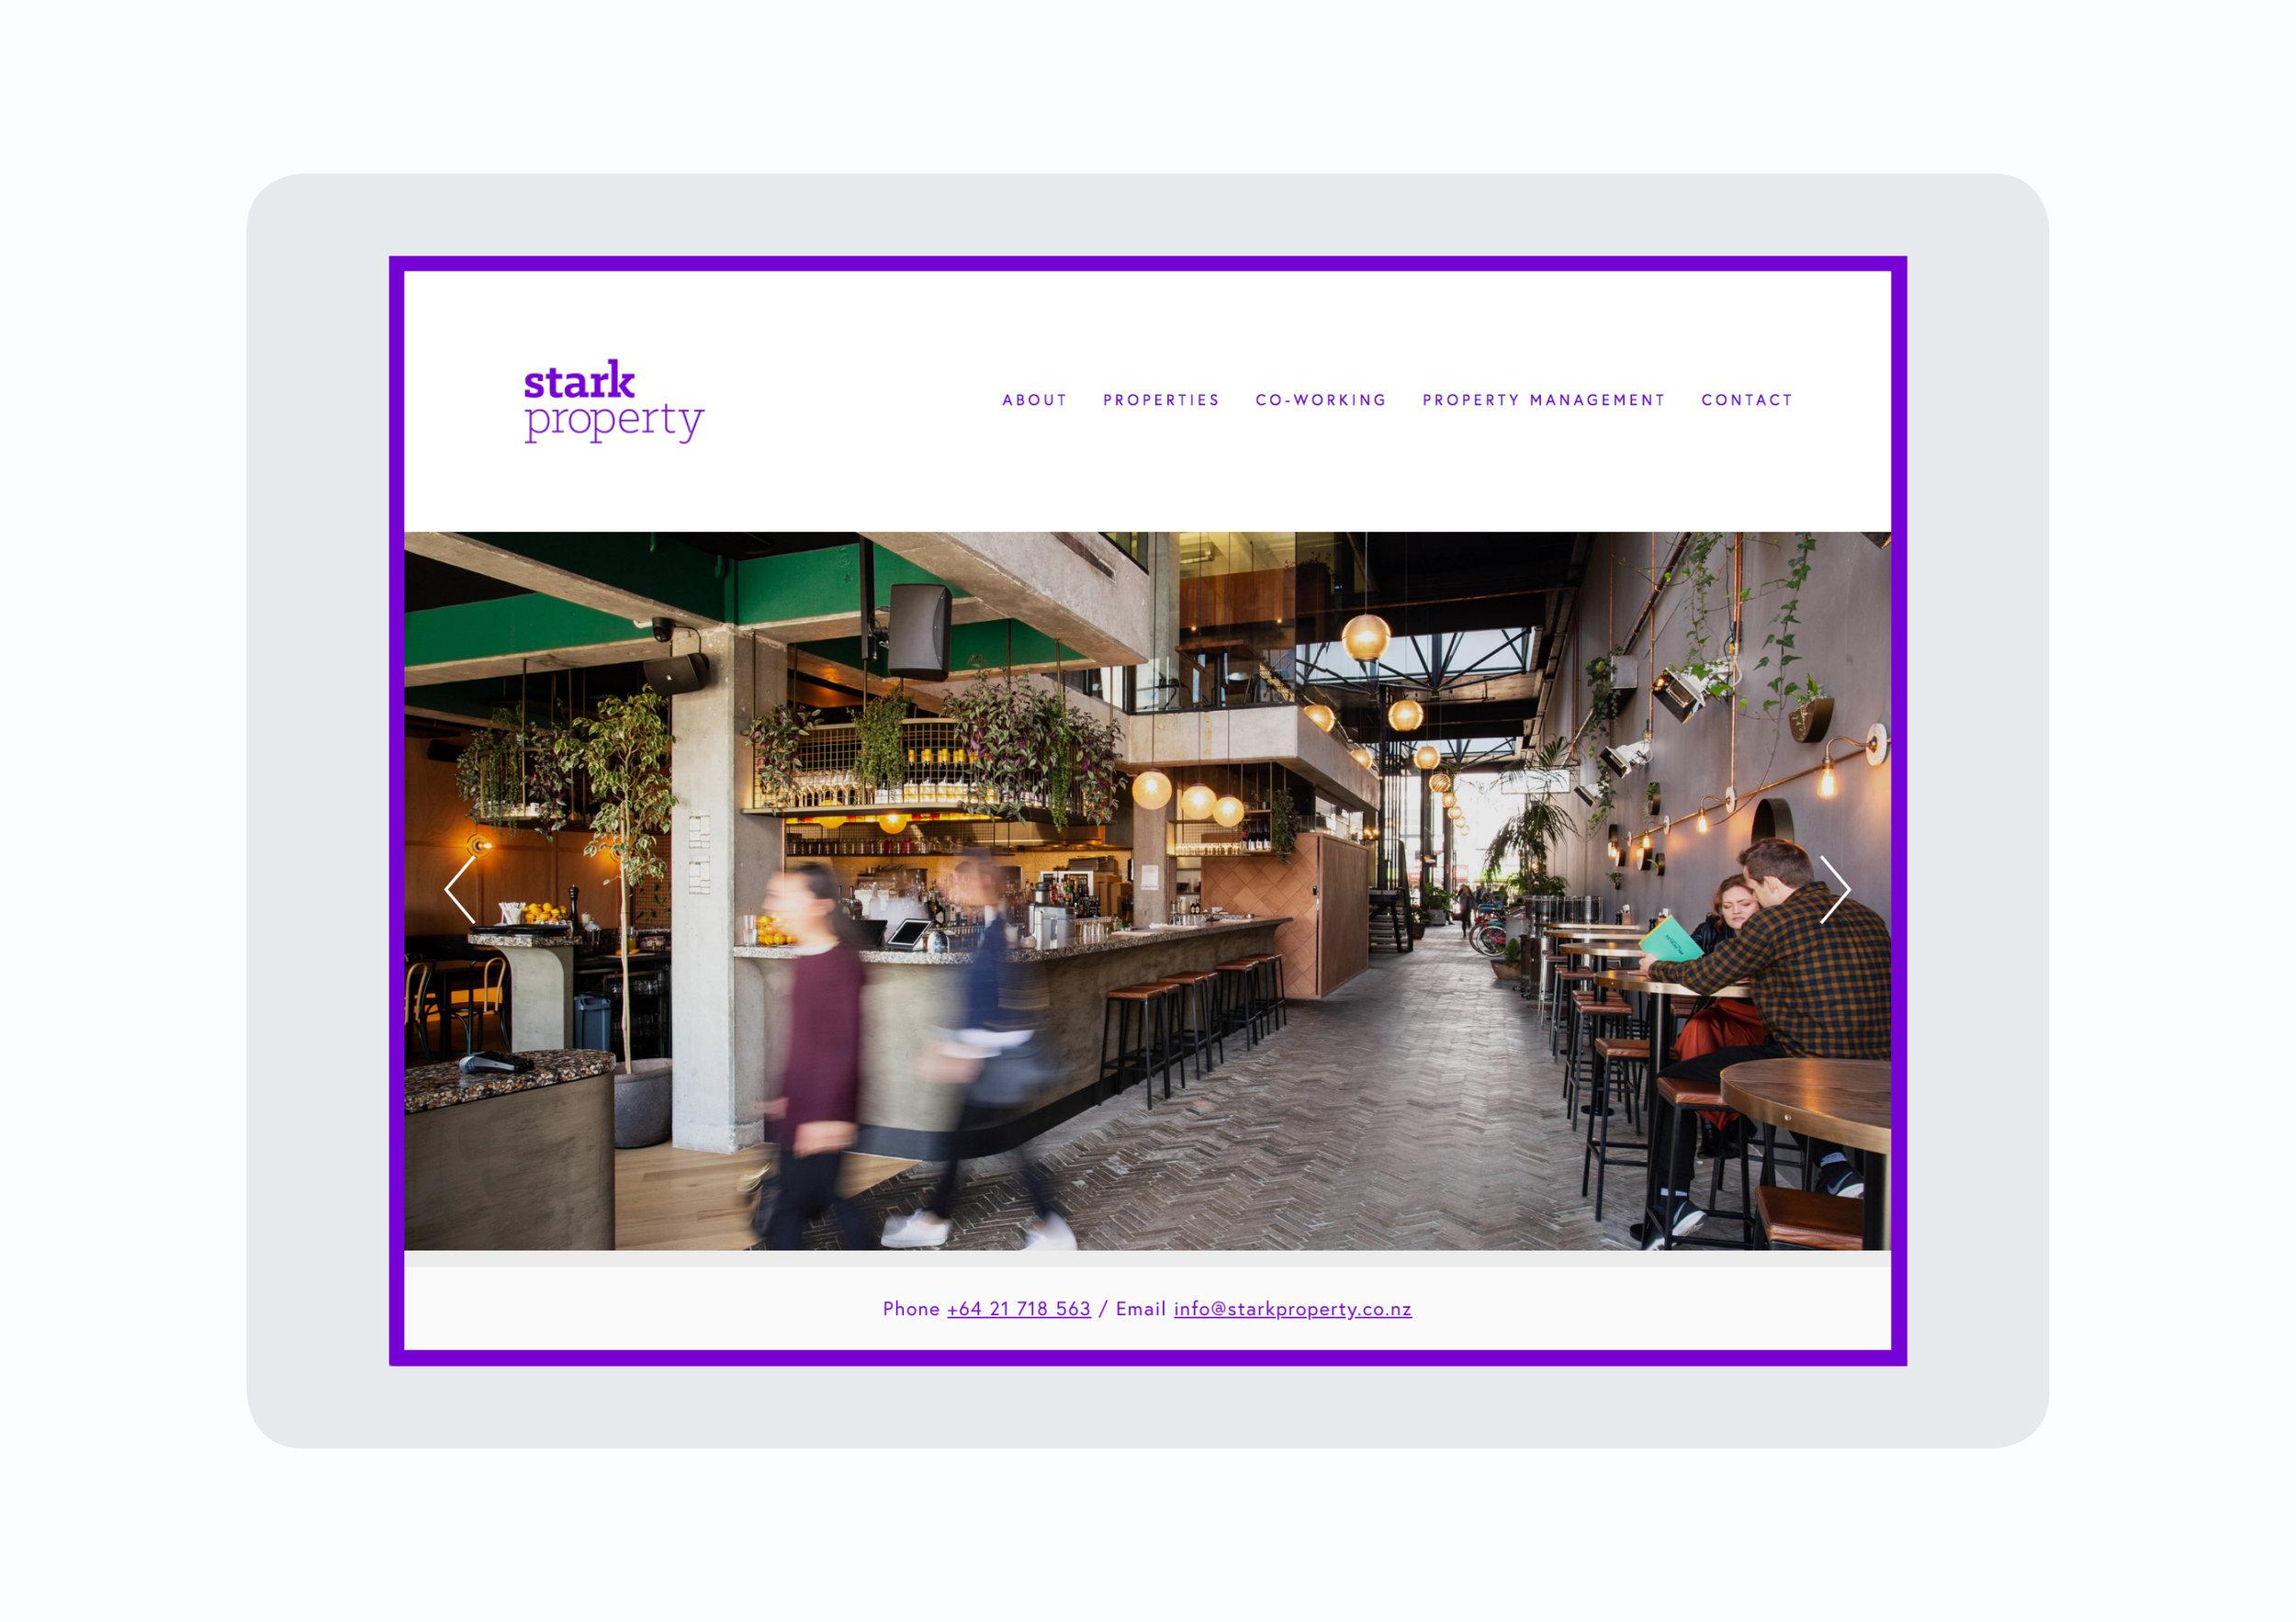 designwell-stark-property-website2.jpg